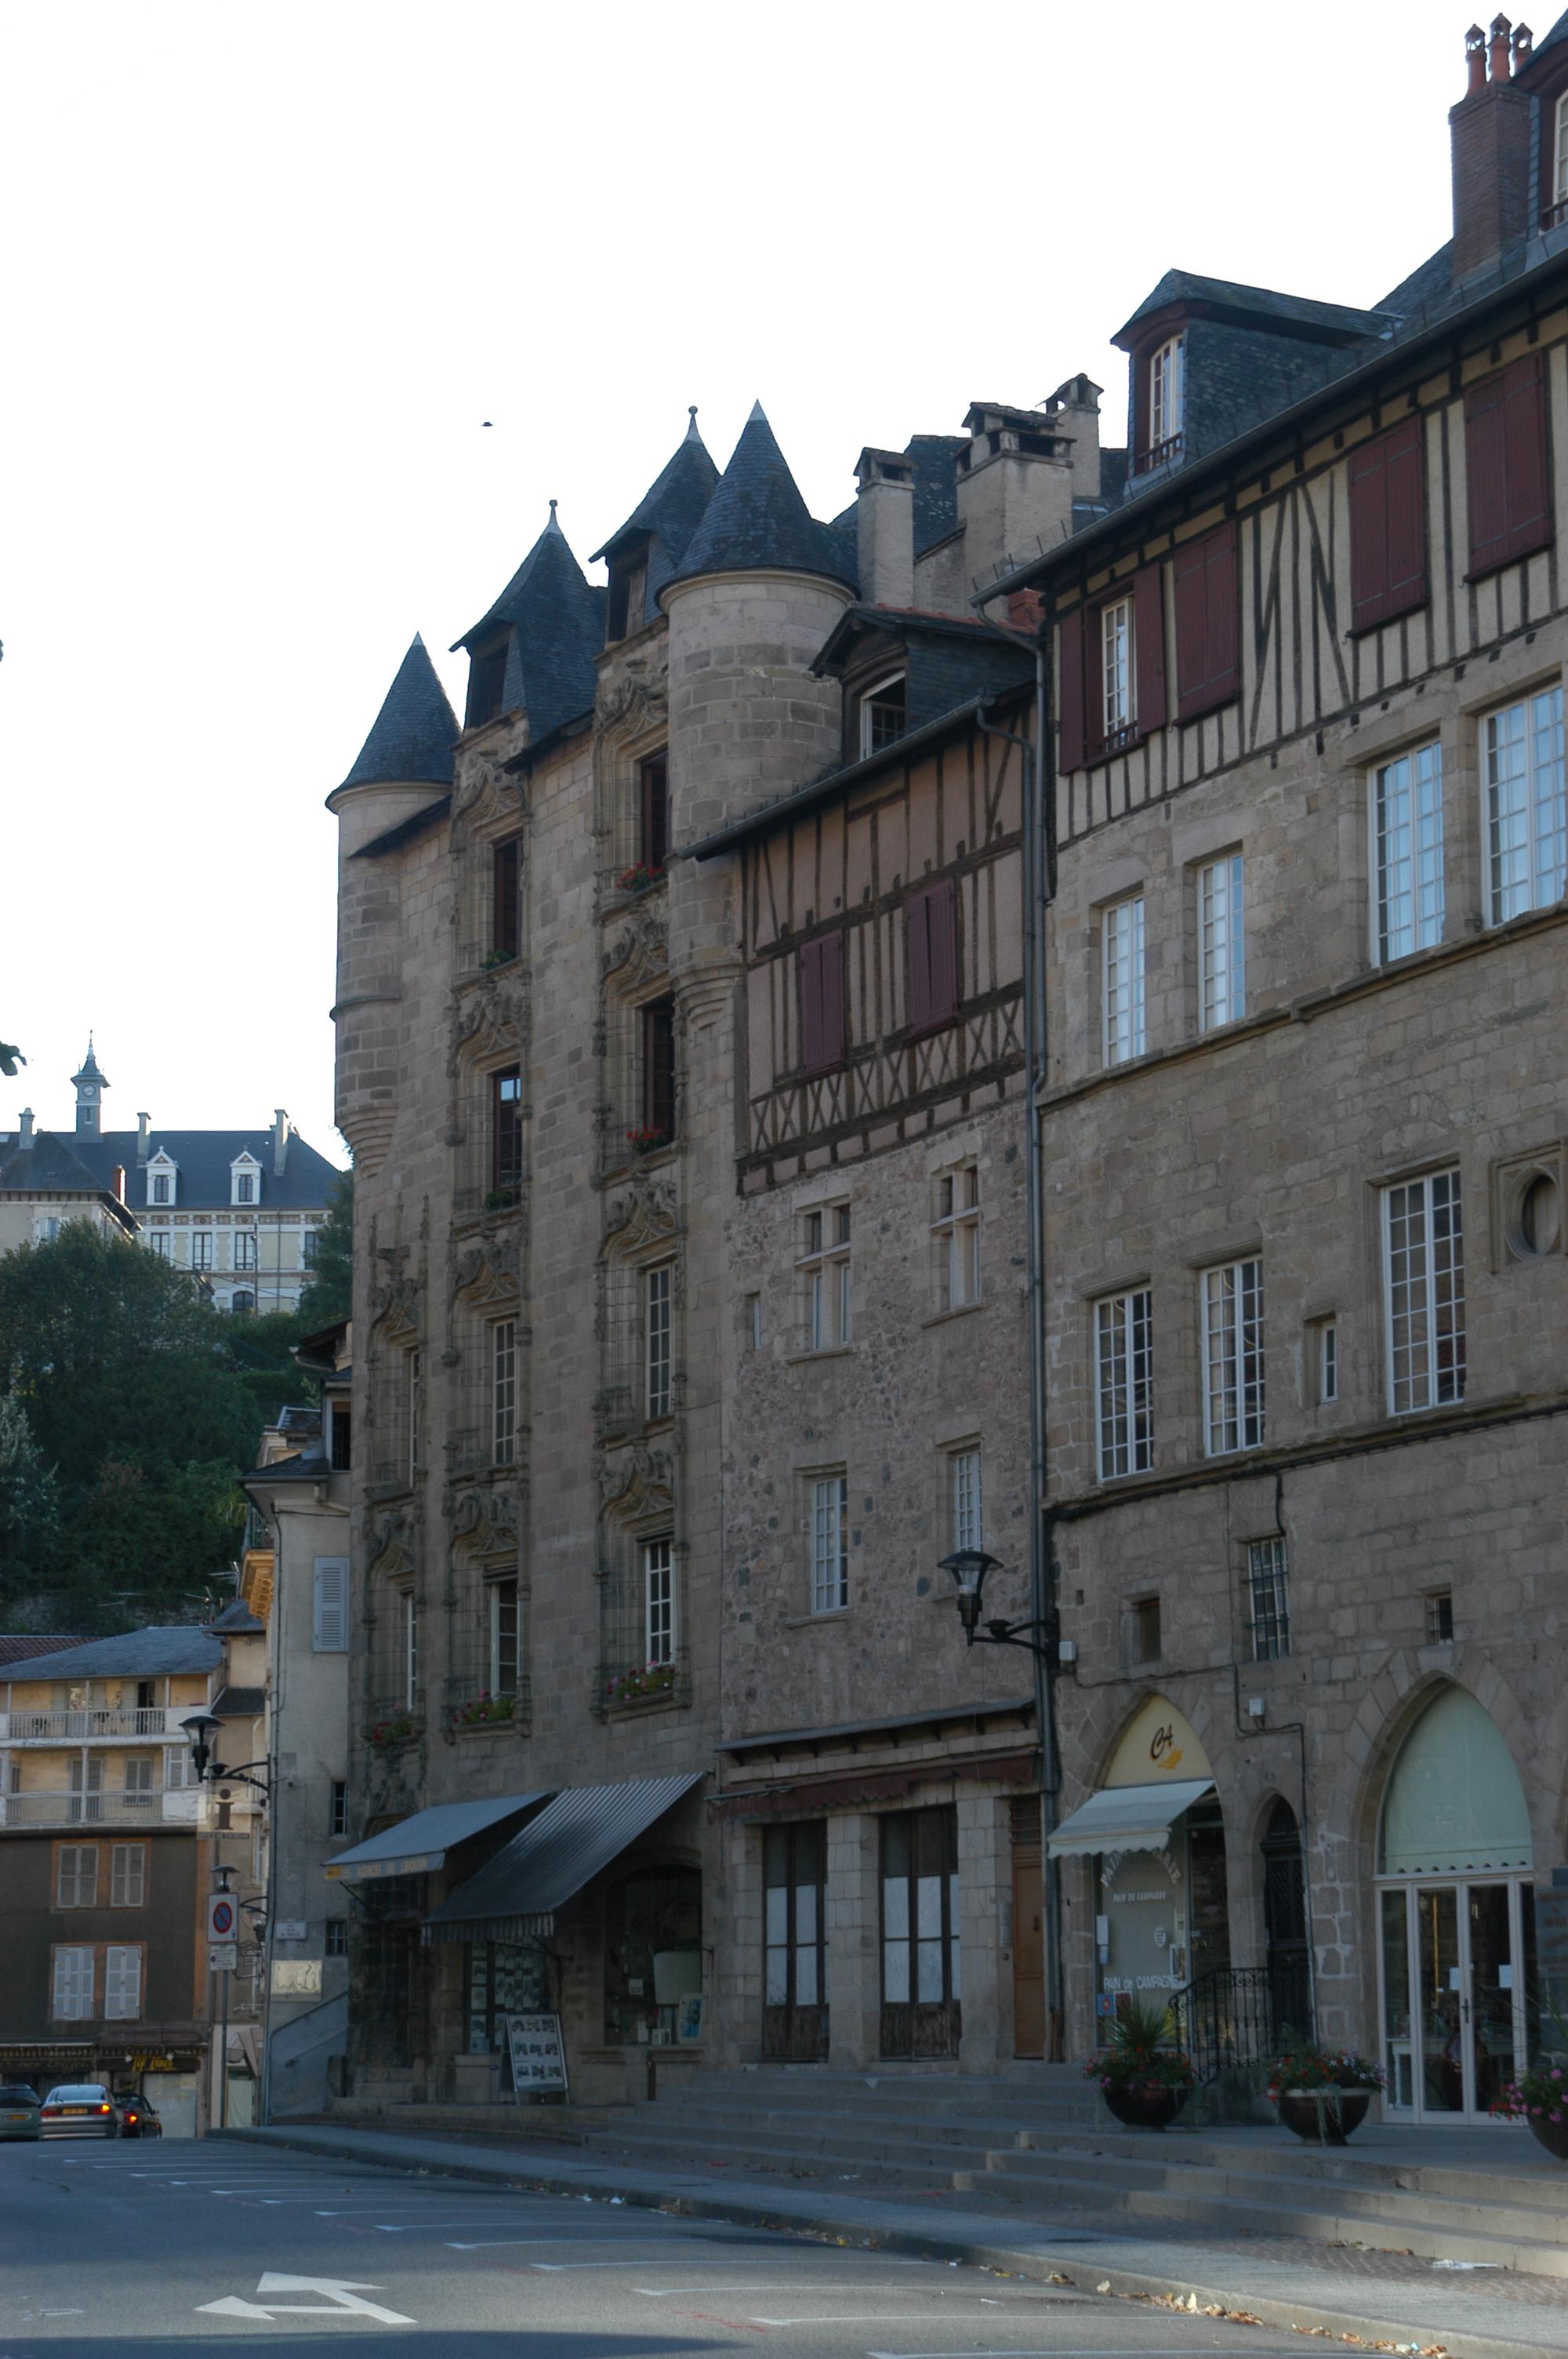 Une rue de la vieille ville